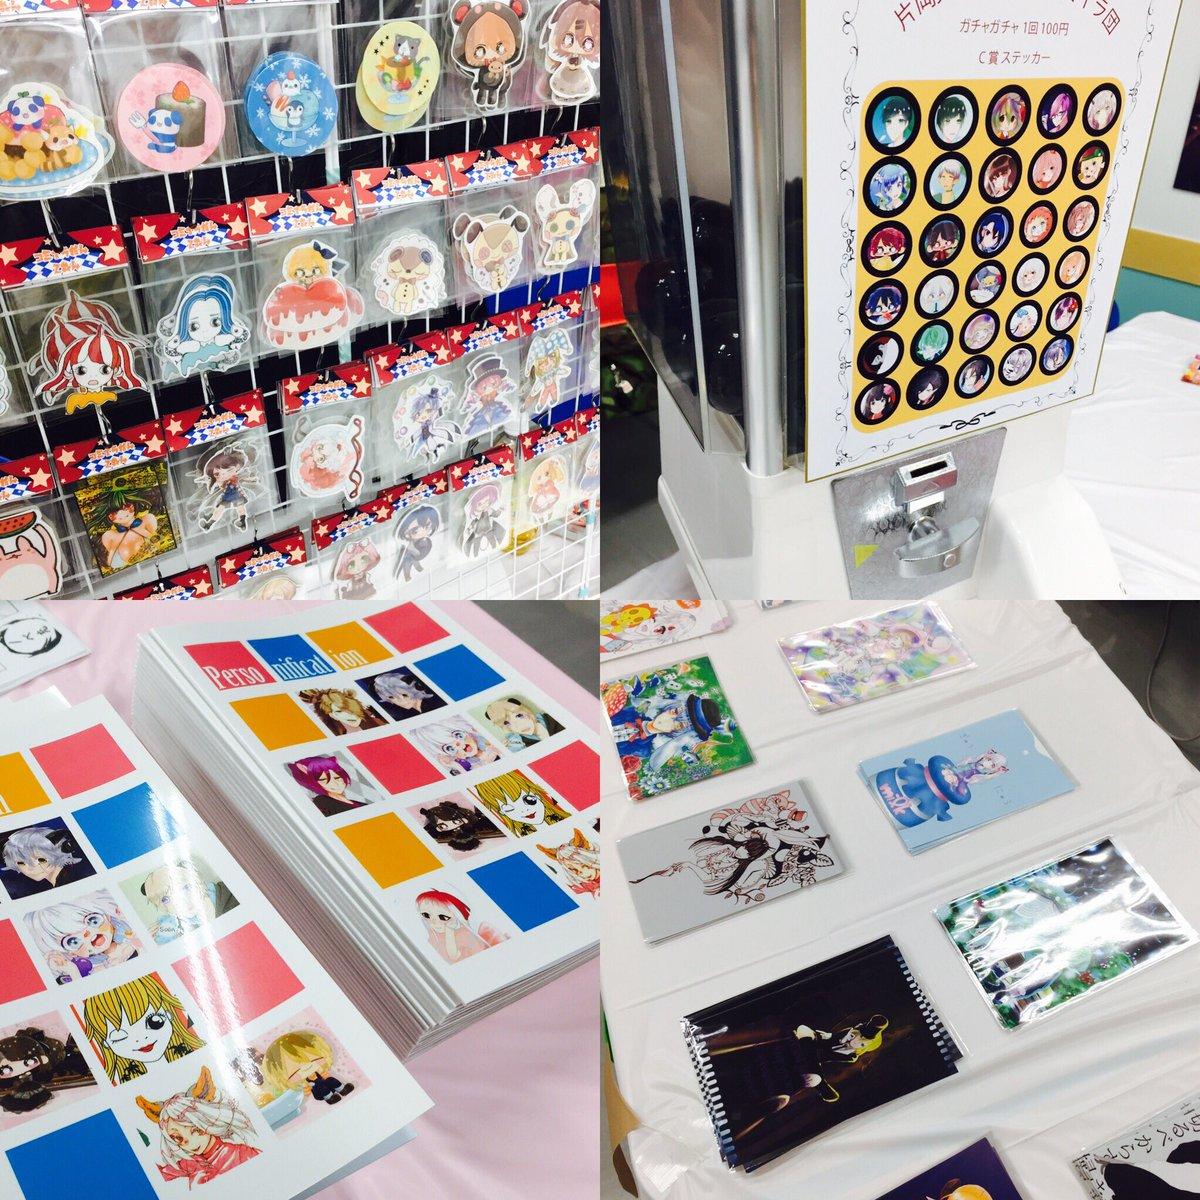 6/24、25、講師させてもらってる大阪アニメーションスクールにて学園祭があります!コミックイラストコースはグッズ物販で